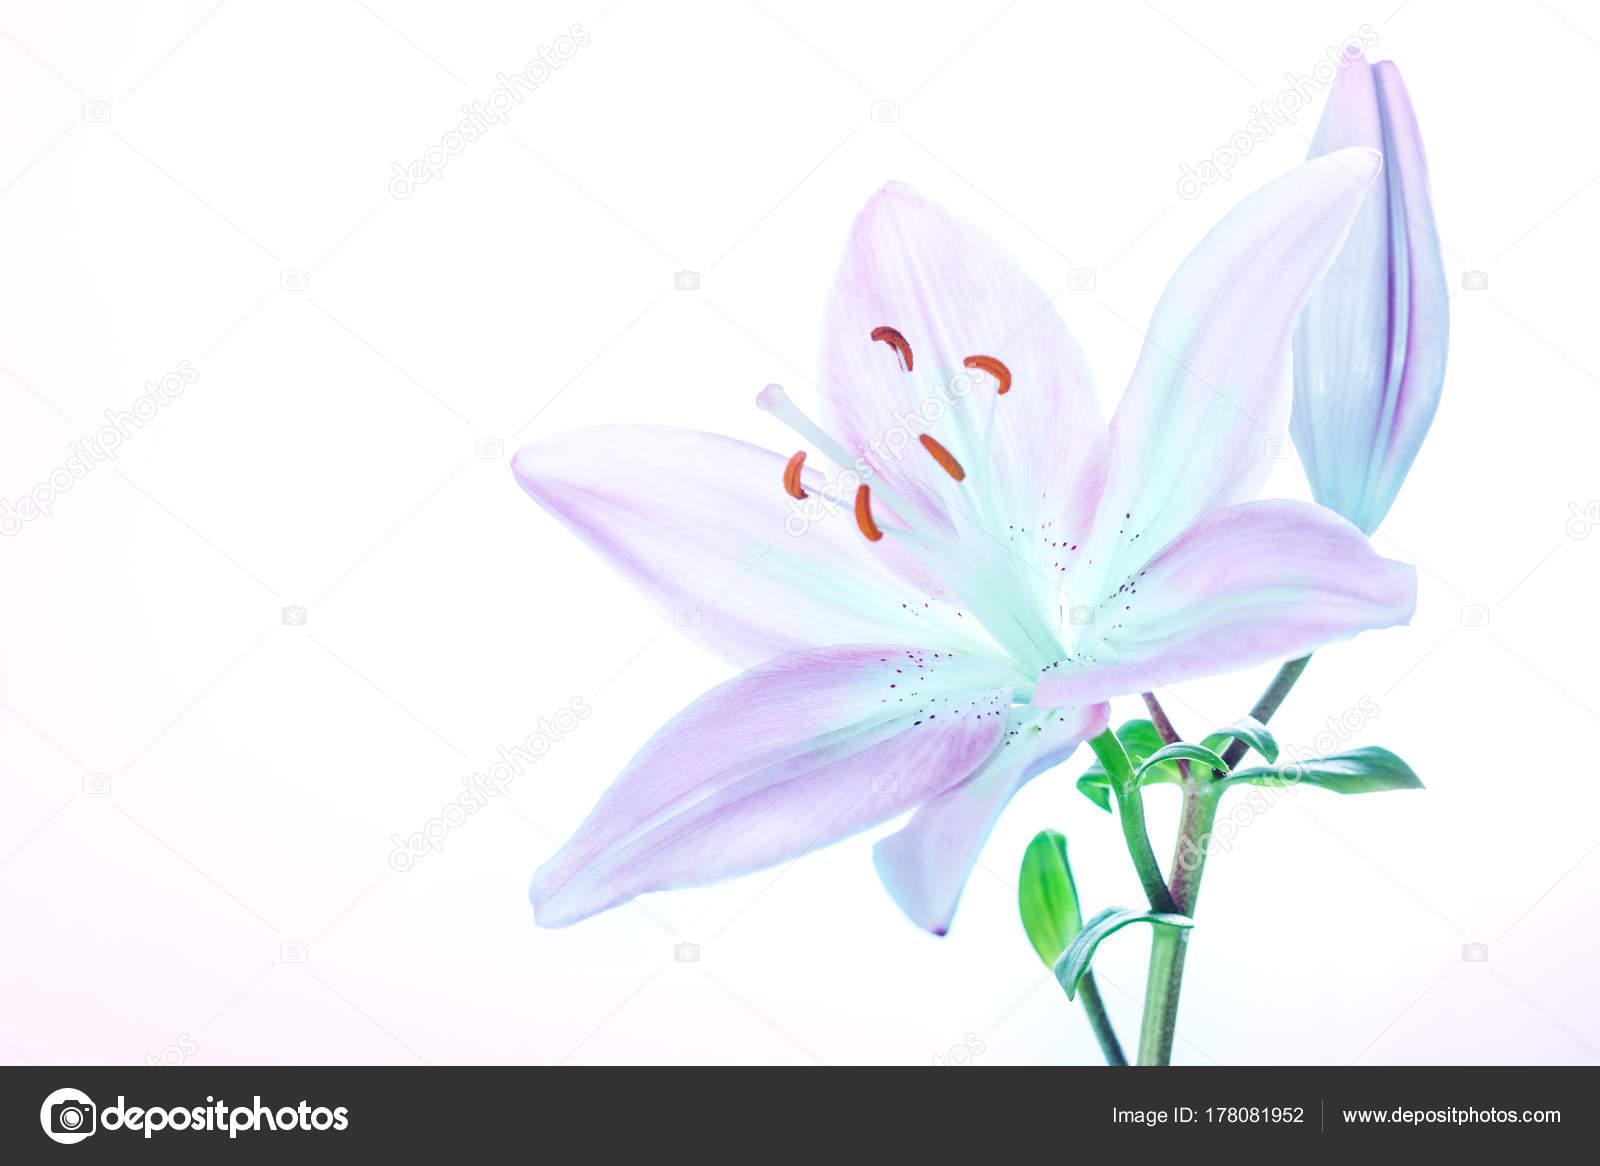 Bella giglio fiore foto stock annaom 178081952 bella giglio fiore foto stock izmirmasajfo